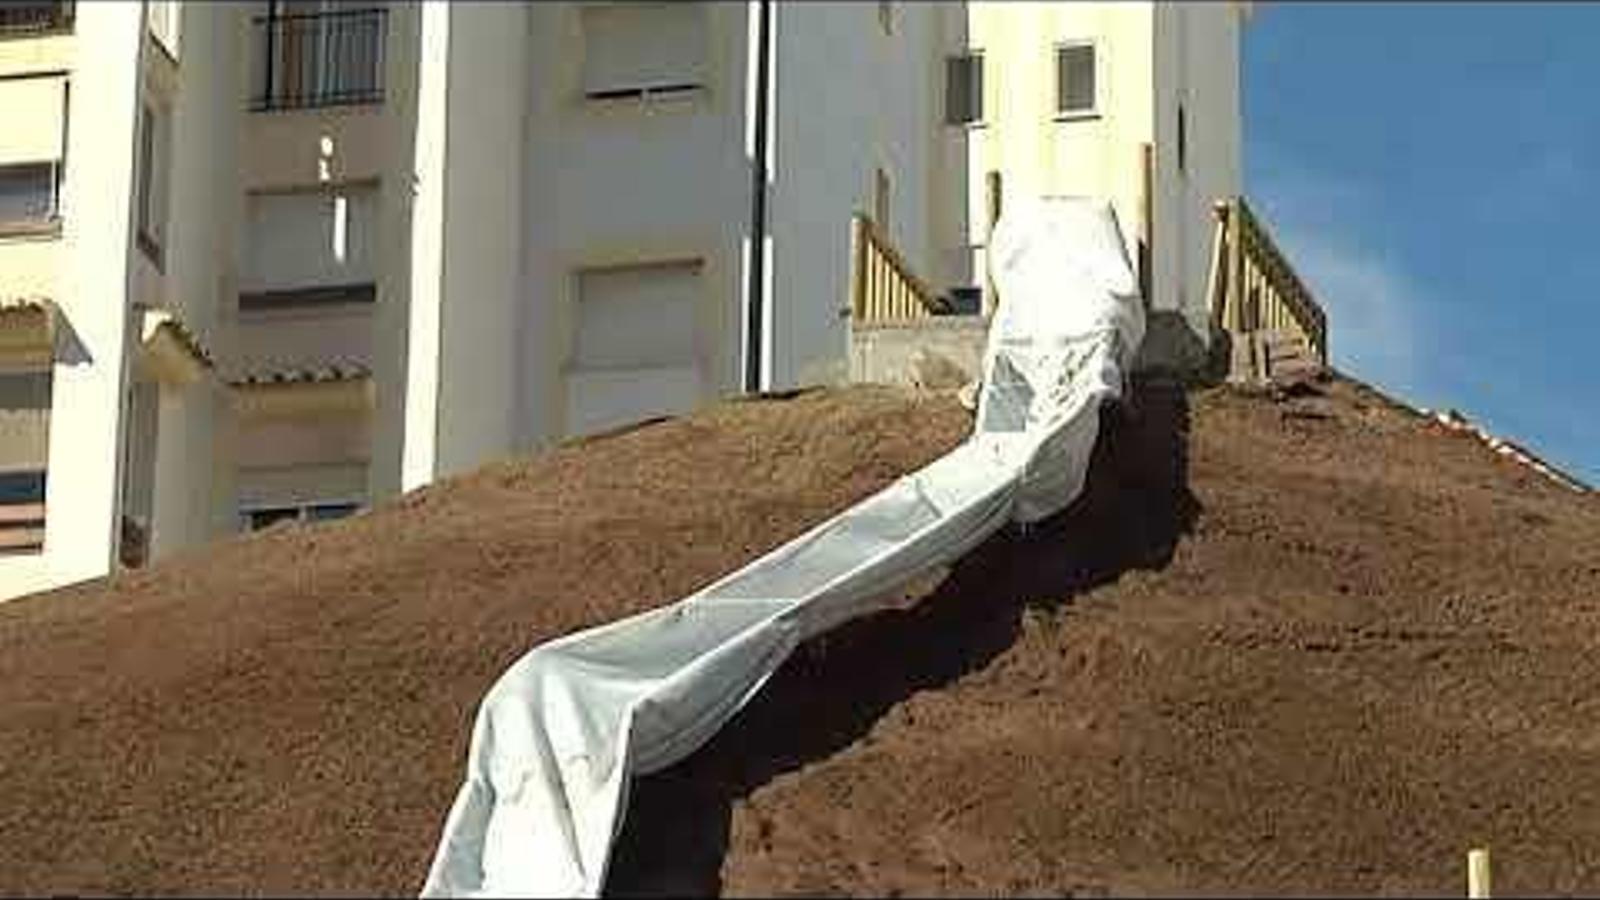 El tobogan més gran d'Europa, a Estepona, també és el més perillós